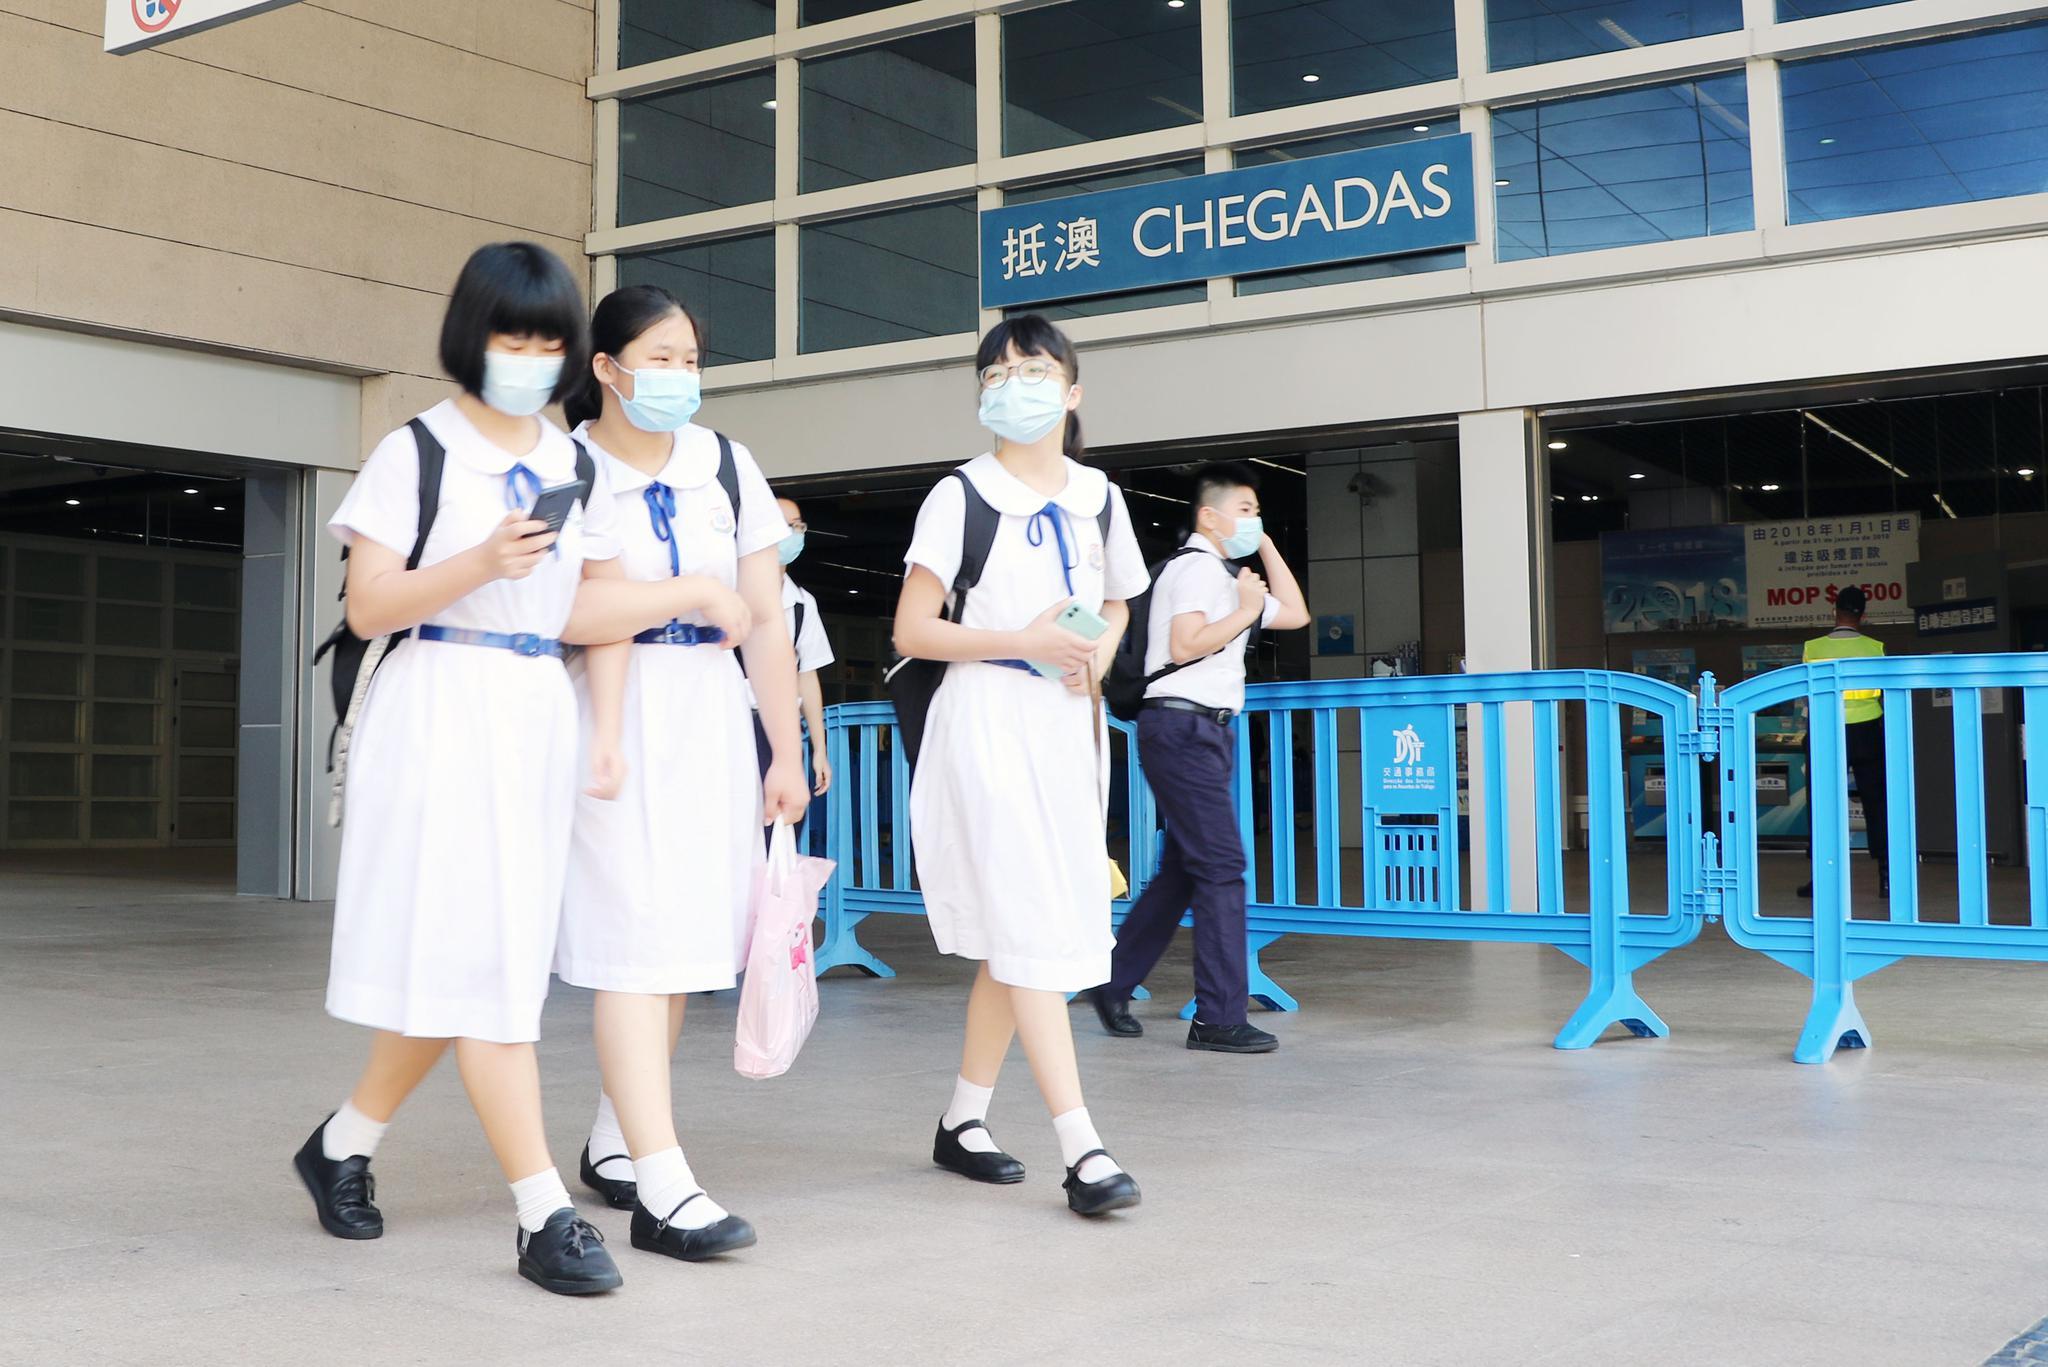 【赢咖3】门约13万名初中生11日正式复课赢咖3图片